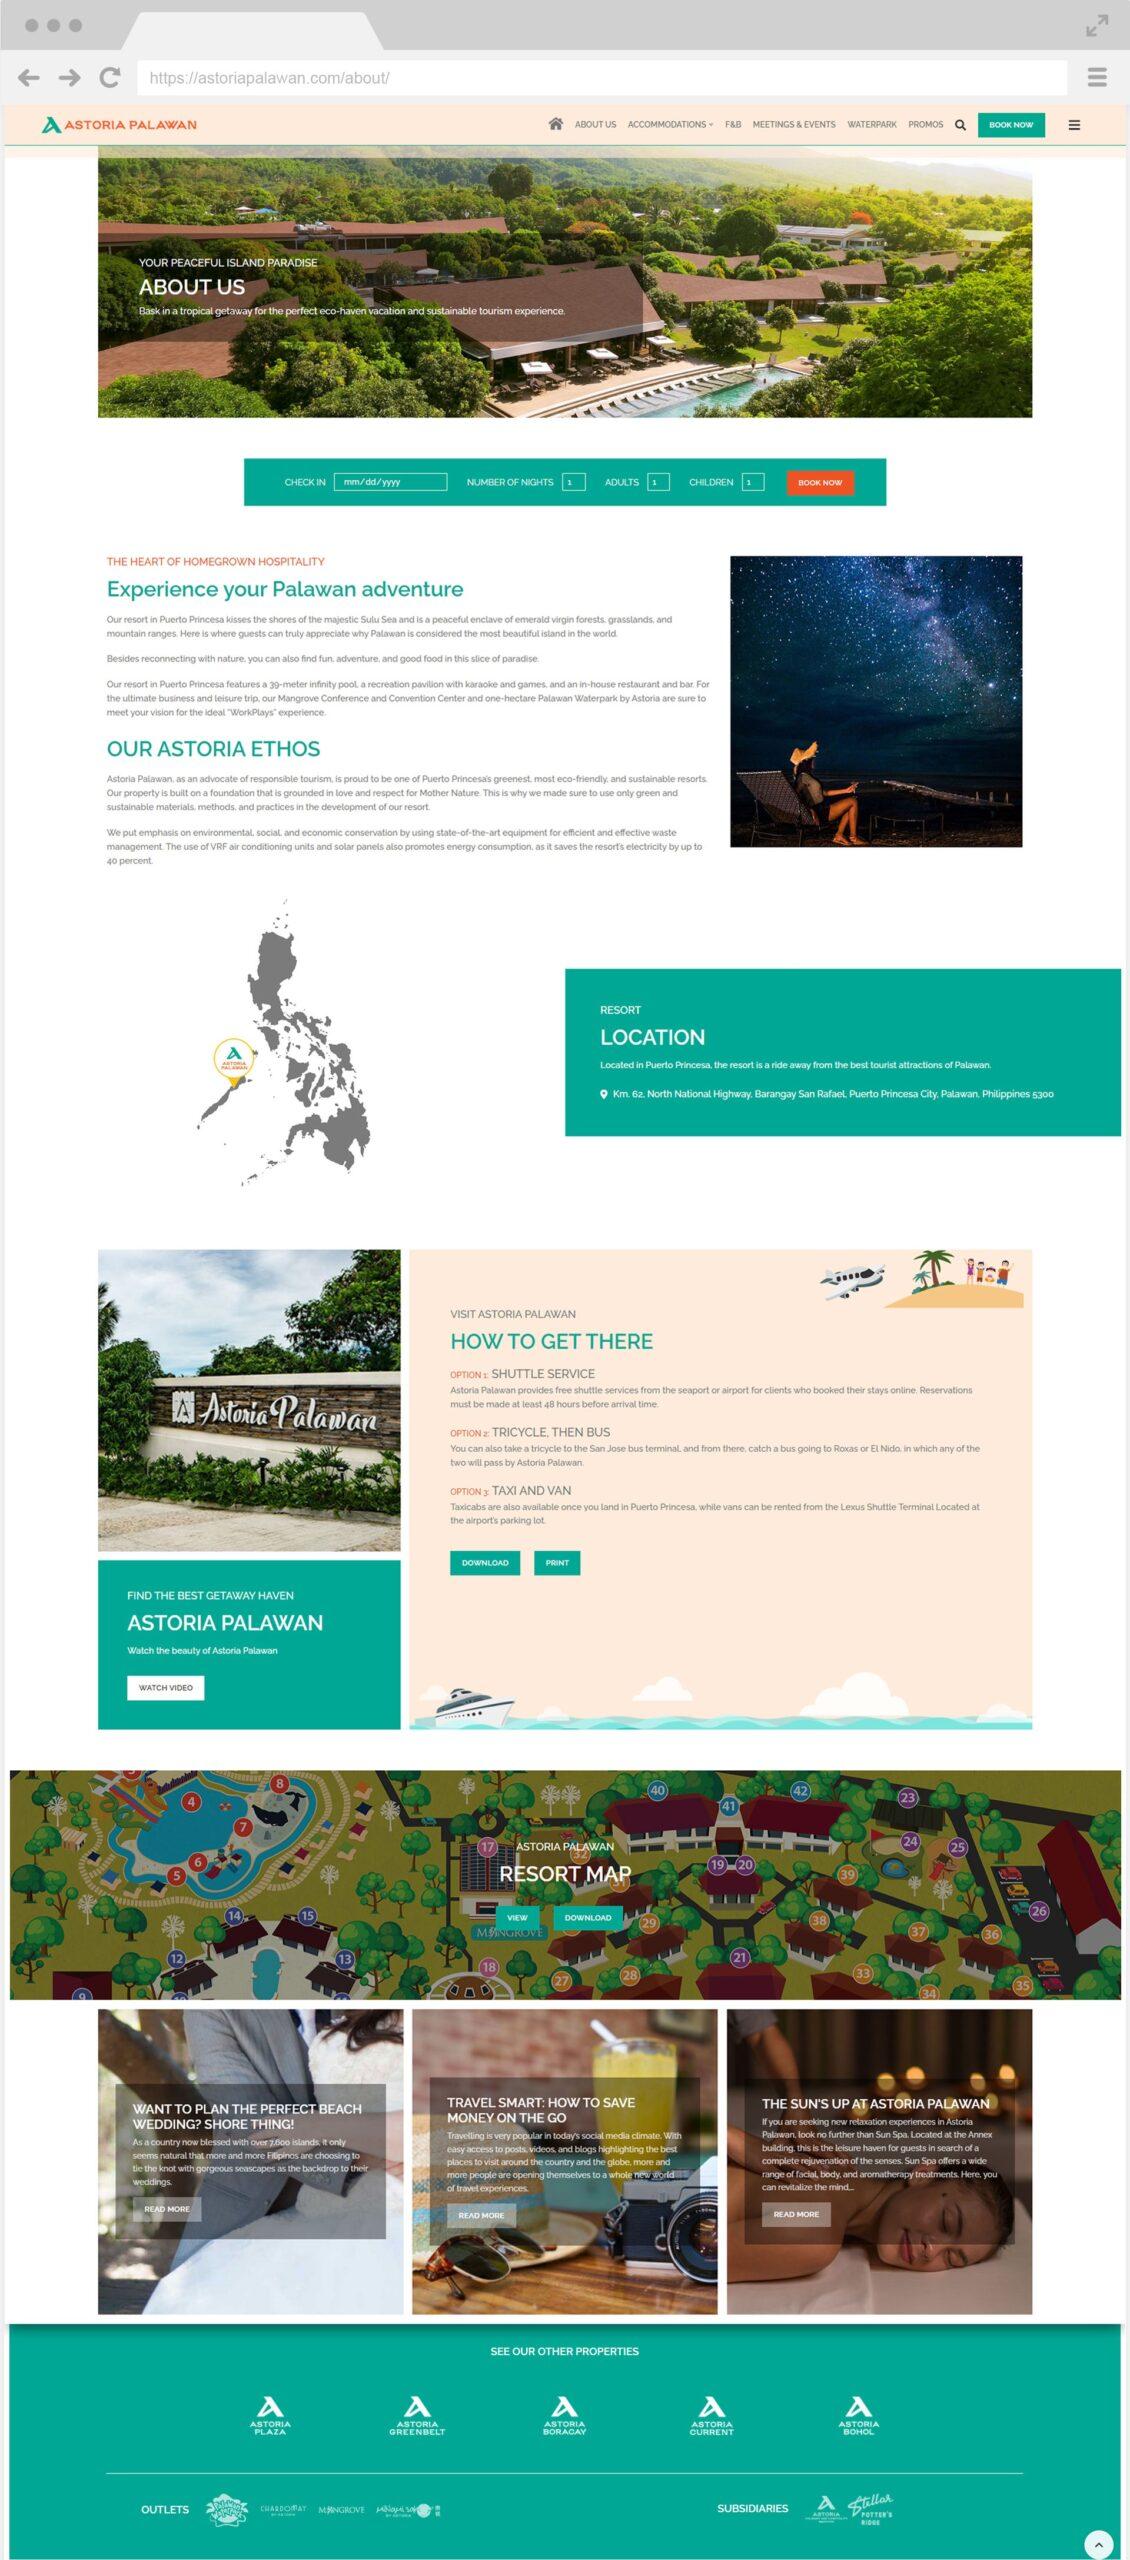 Astoria Palawan About